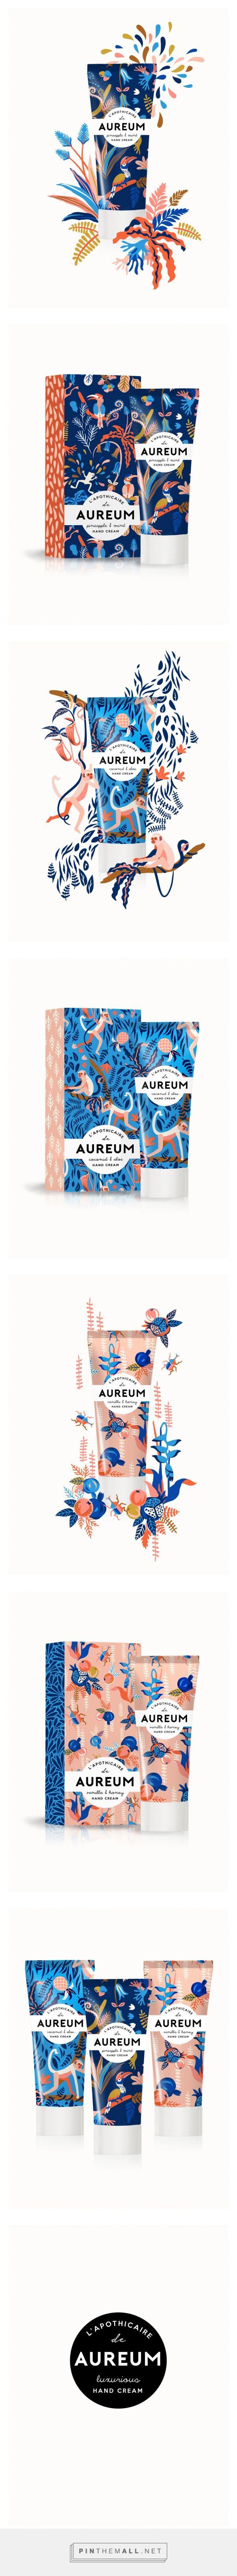 L'apothicaire de Aureum / cosmetics by Mei Tan                                                                                                                                                     More